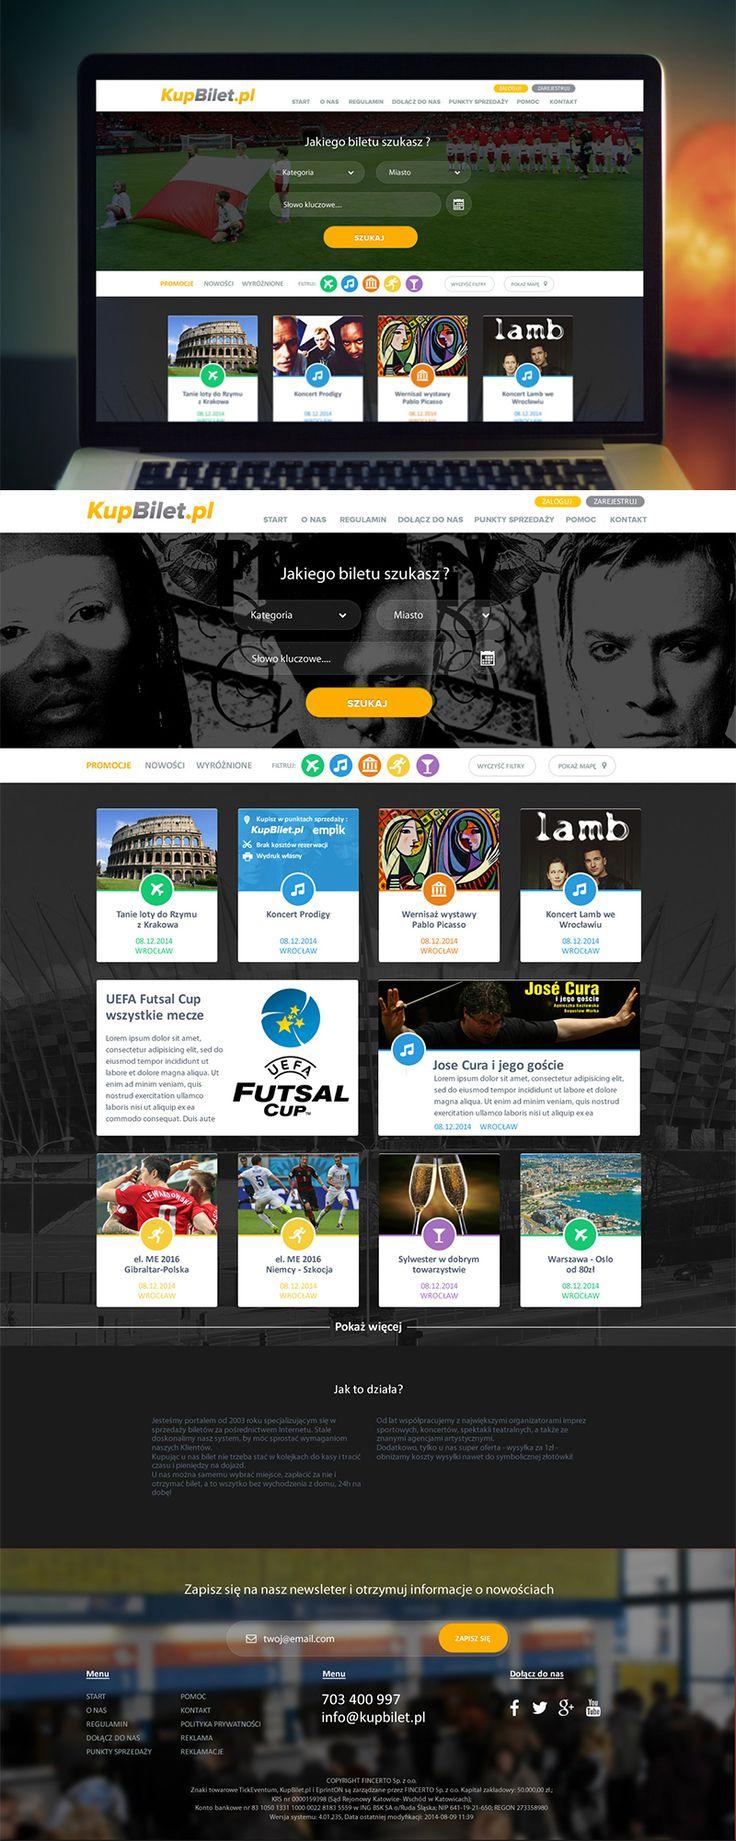 Projekt nowej szaty graficznej portalu zajmującego się sprzedażą biletów przez internet.